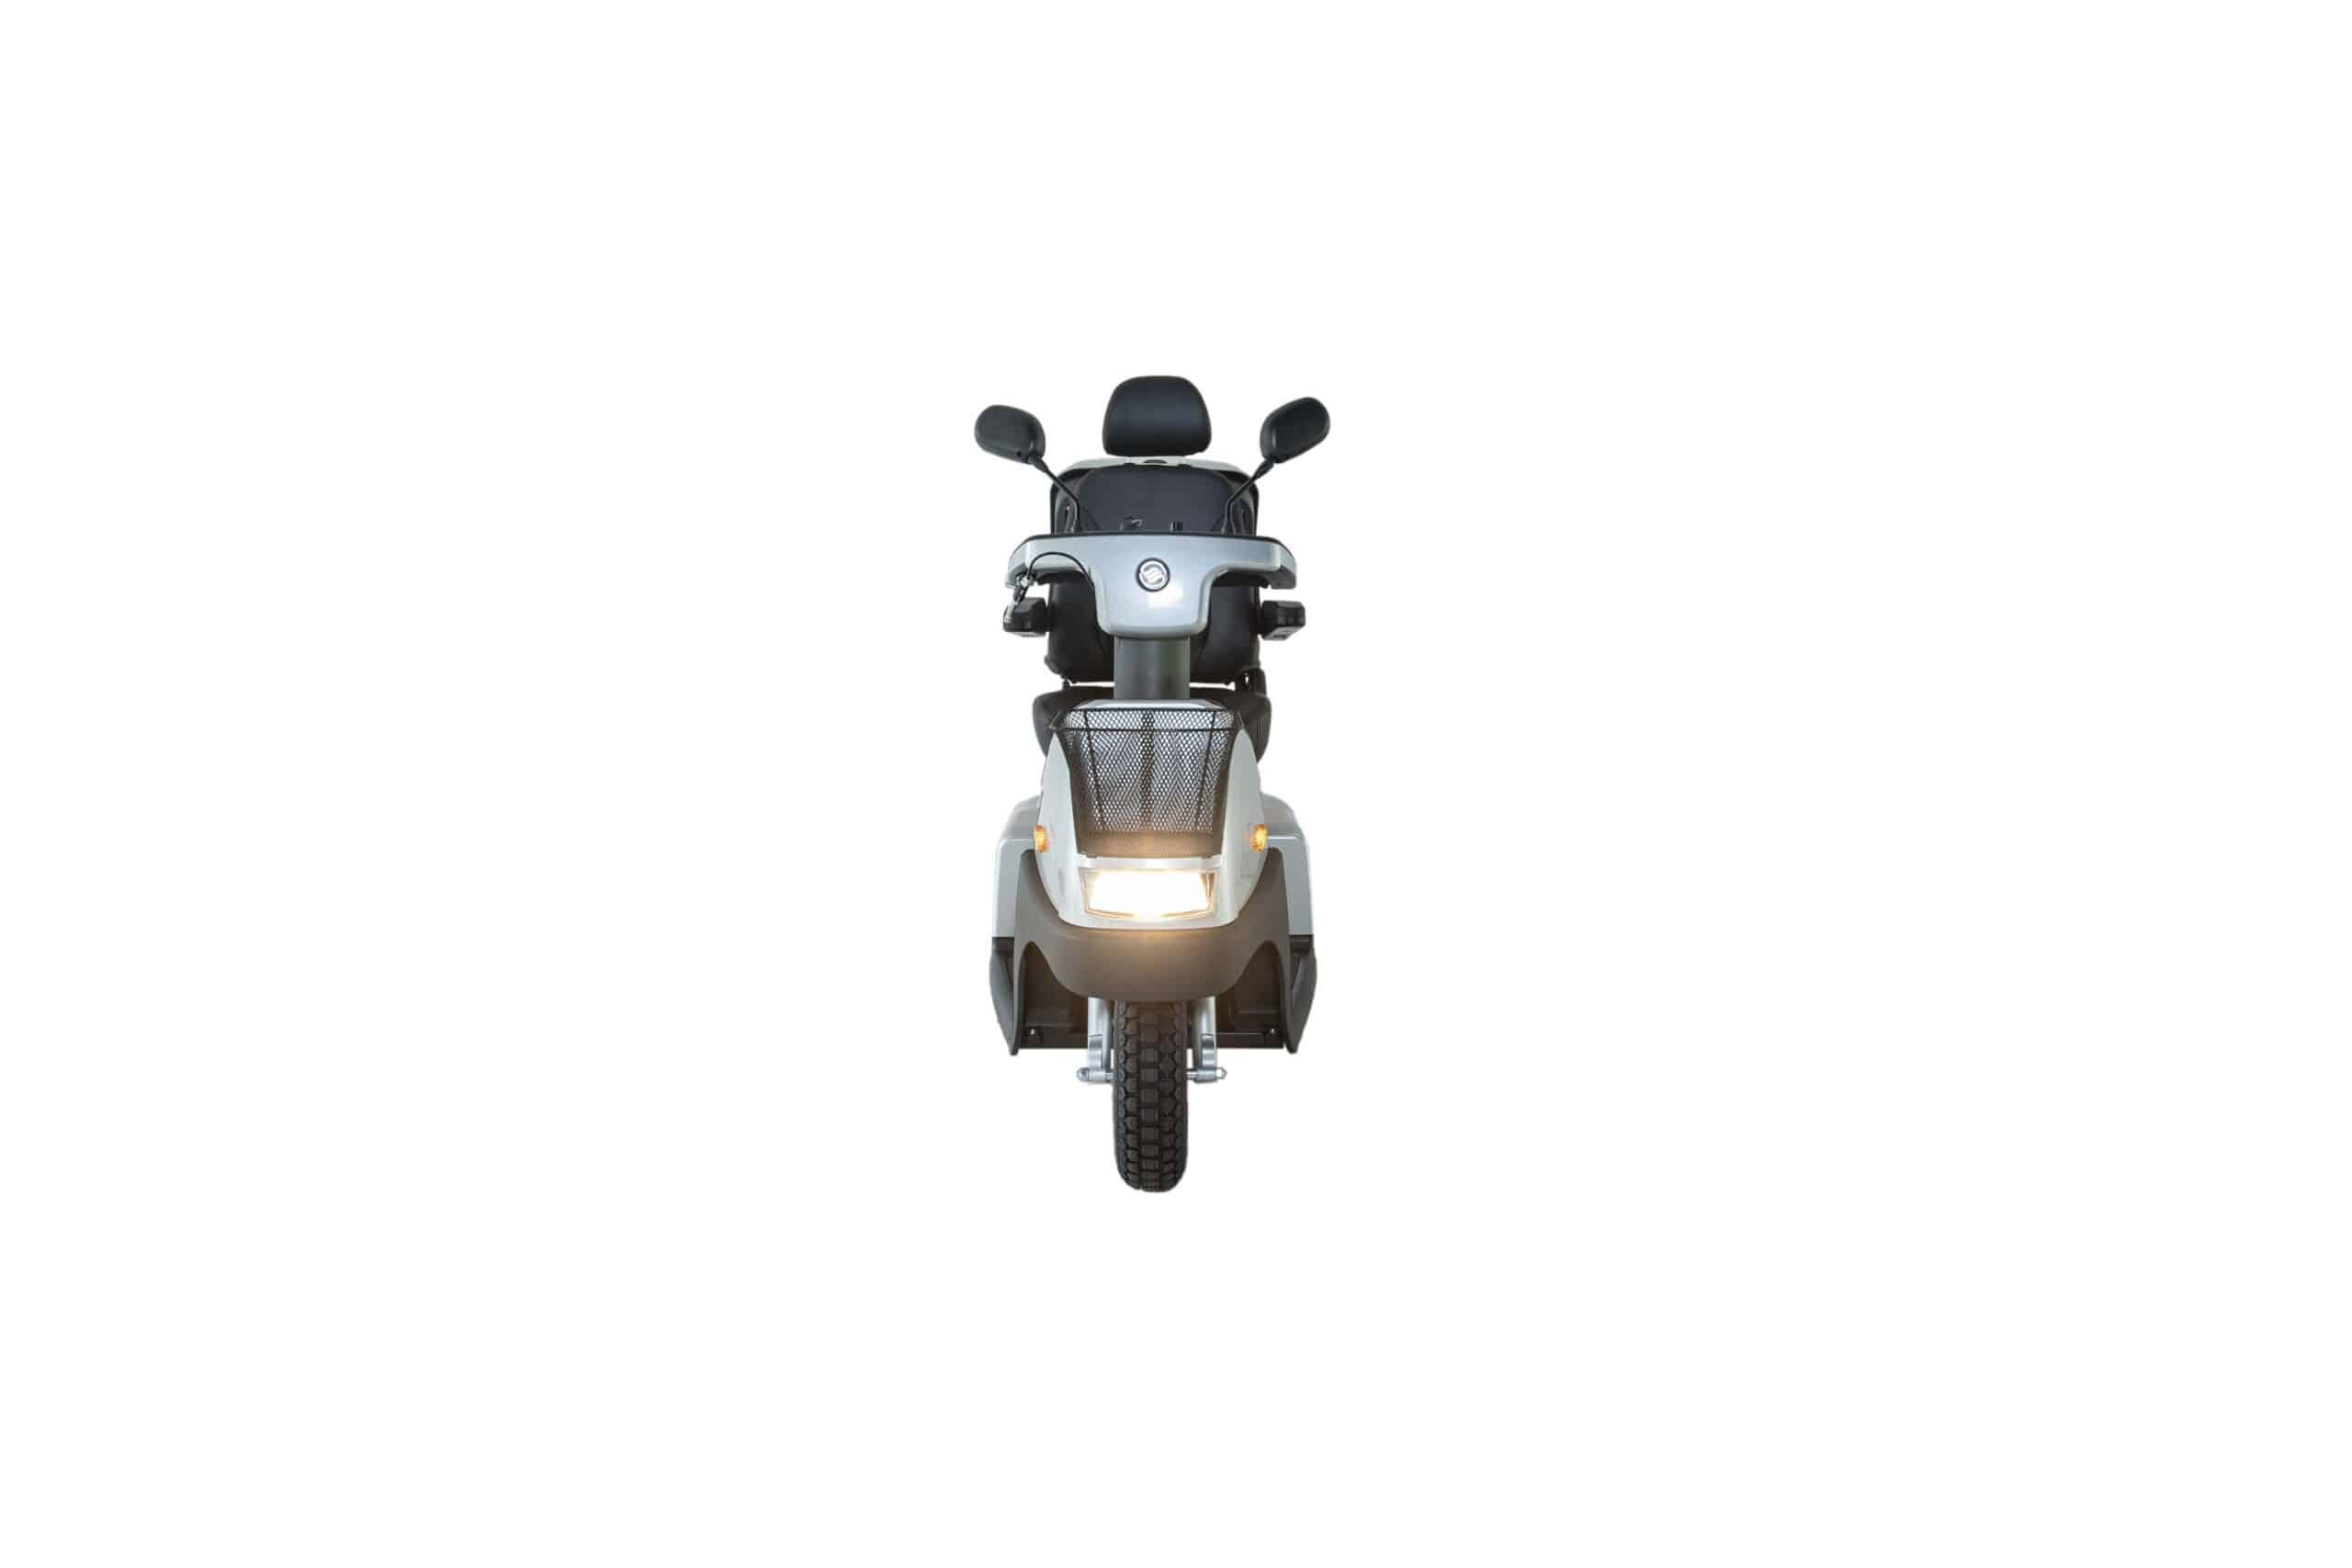 scootmobiel afikim breeze c3 met verlichting scaled